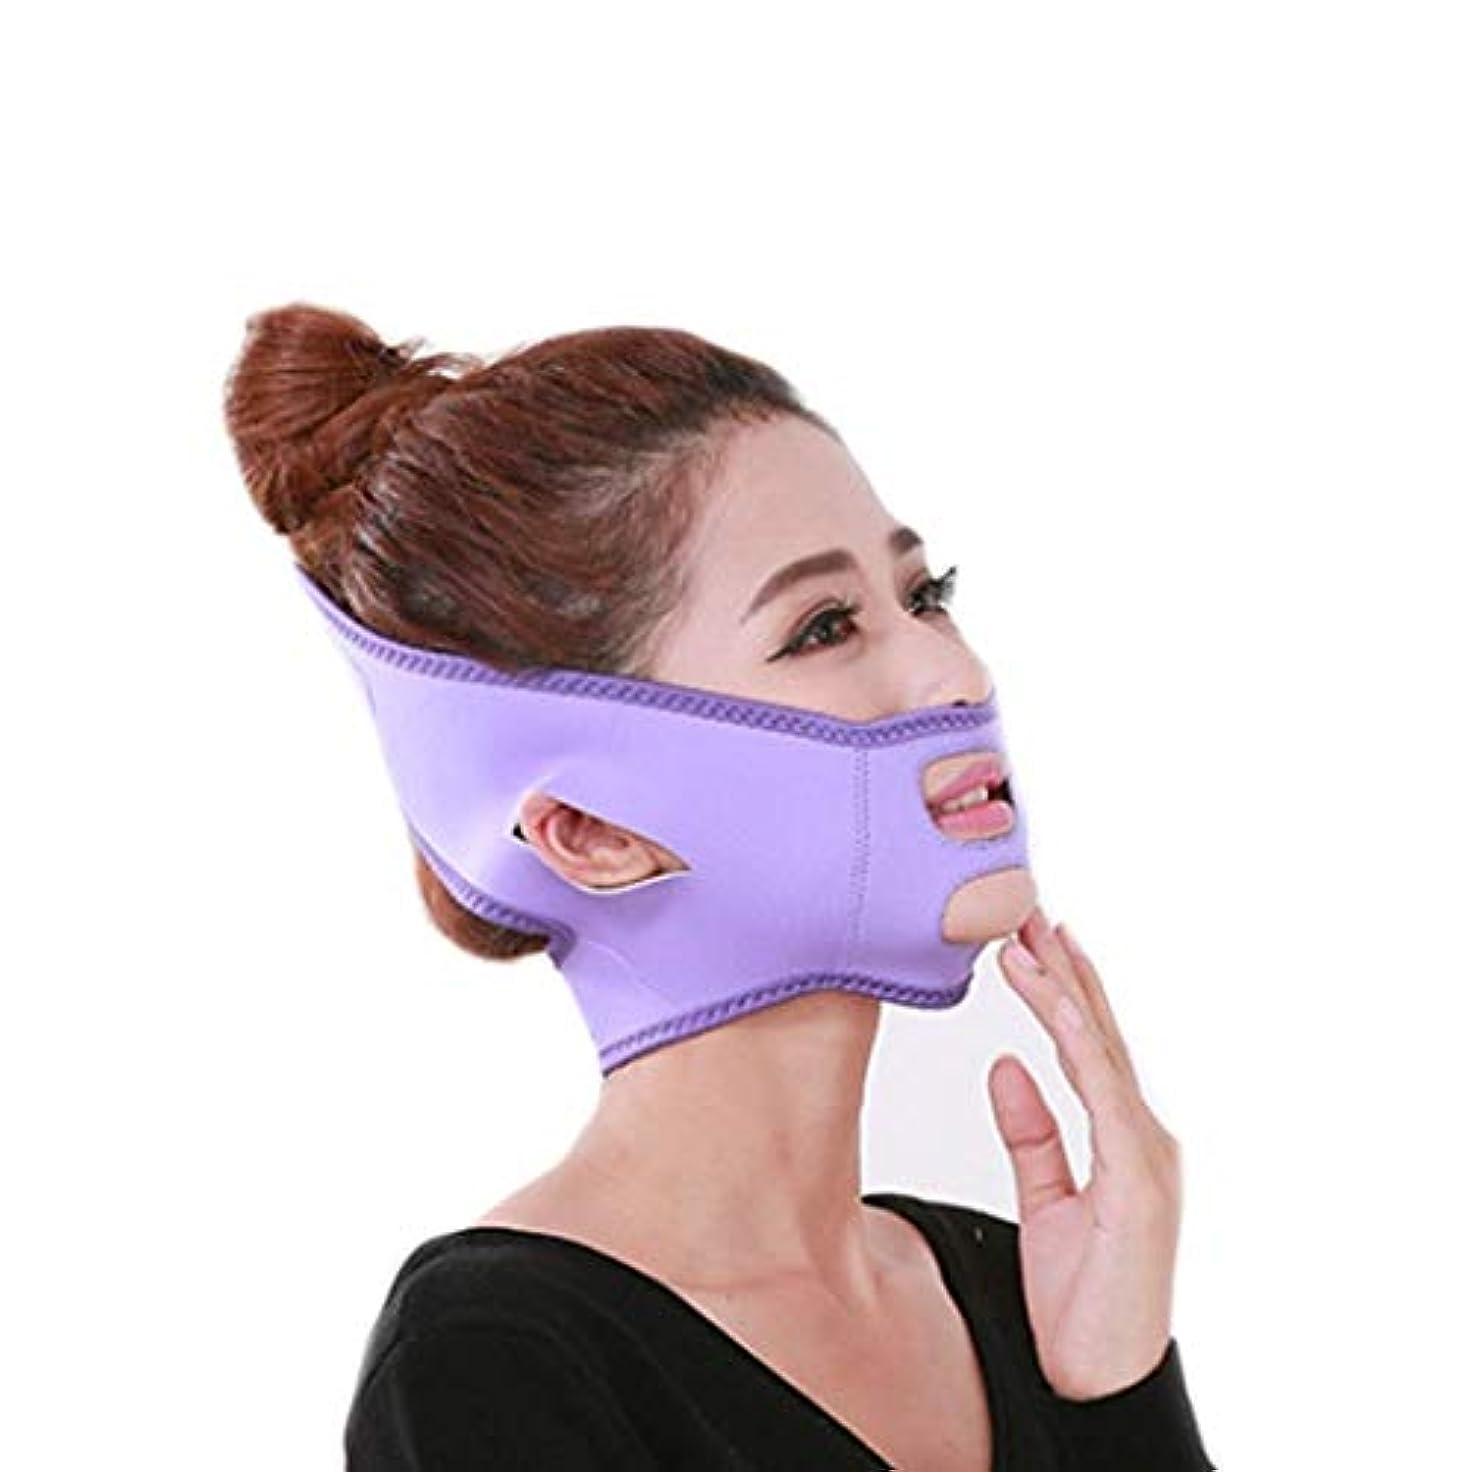 フィットマーチャンダイザー滴下HUYYA 女性の顔を持ち上げるベルト、Vライン頬 二重あごの減量顔 しわ防止包帯,Purple_Small